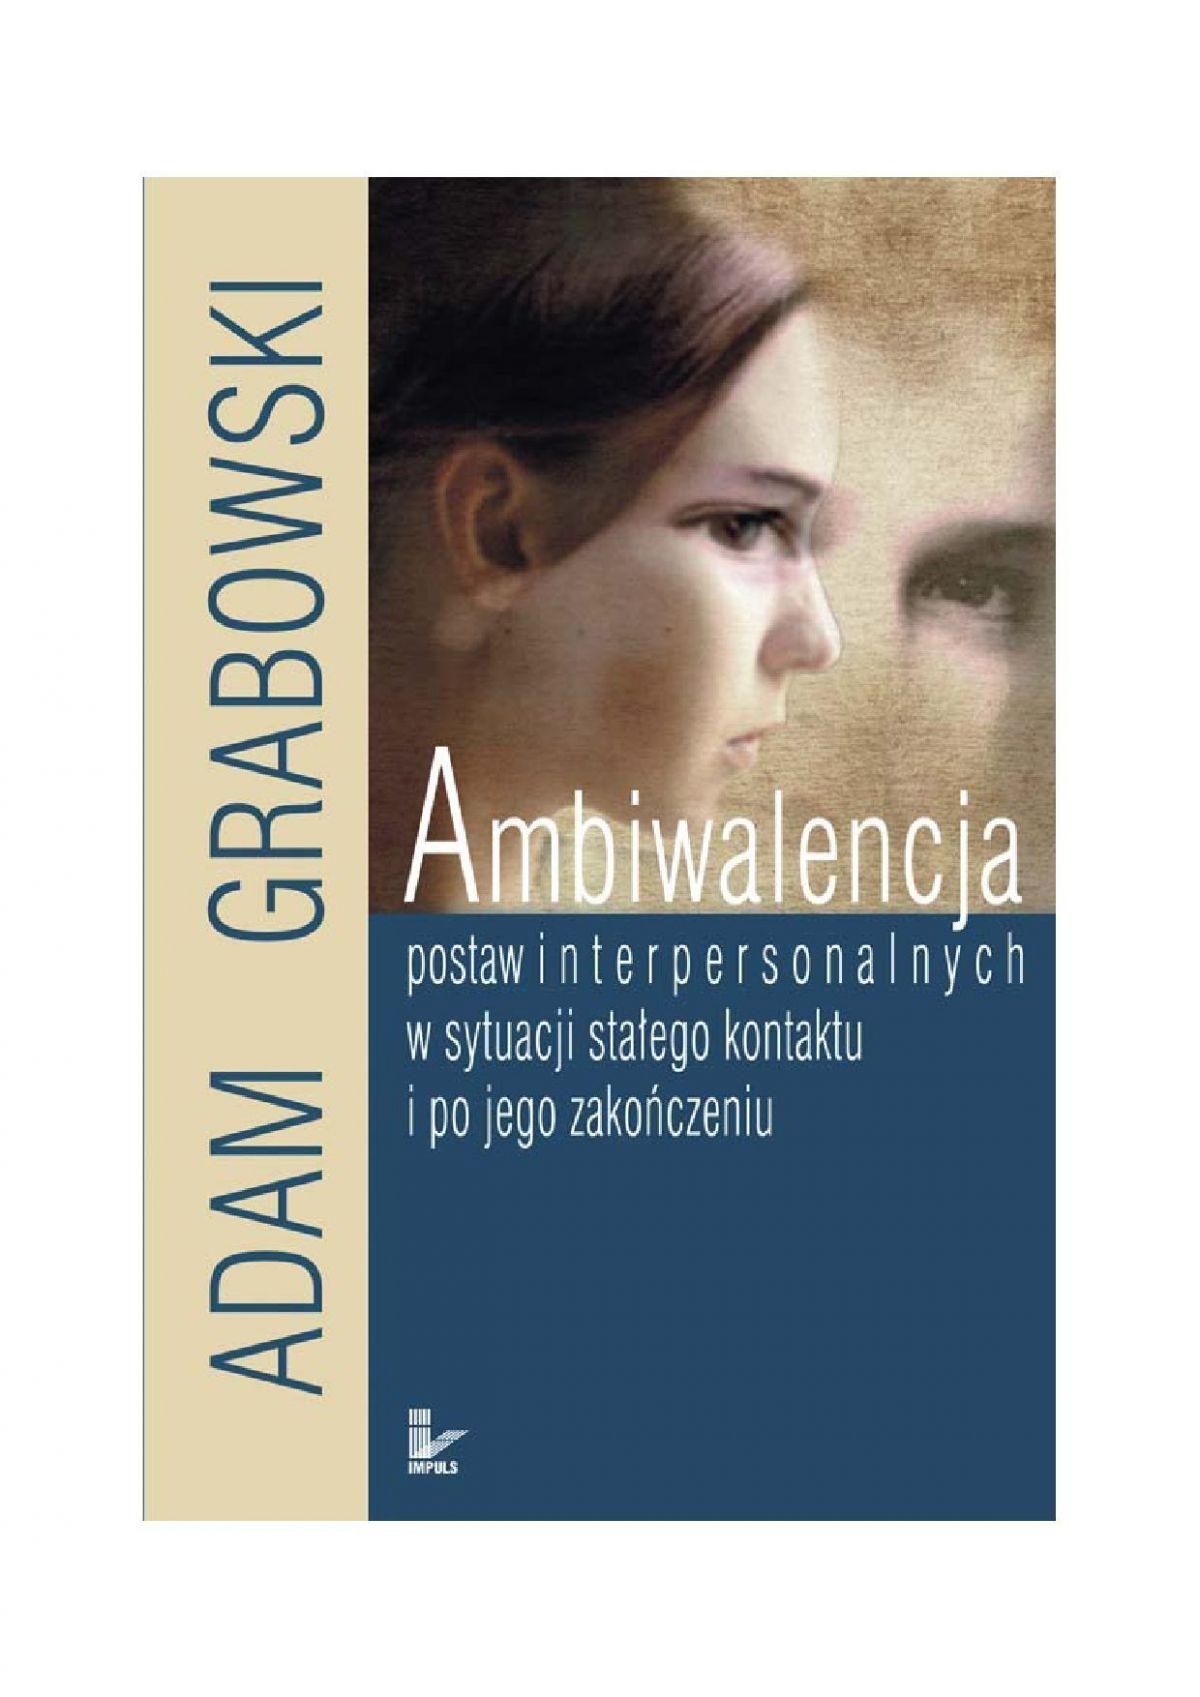 Ambiwalencja postaw interpersonalnych w sytuacji stałego kontaktu i po jego zakończeniu - Ebook (Książka PDF) do pobrania w formacie PDF